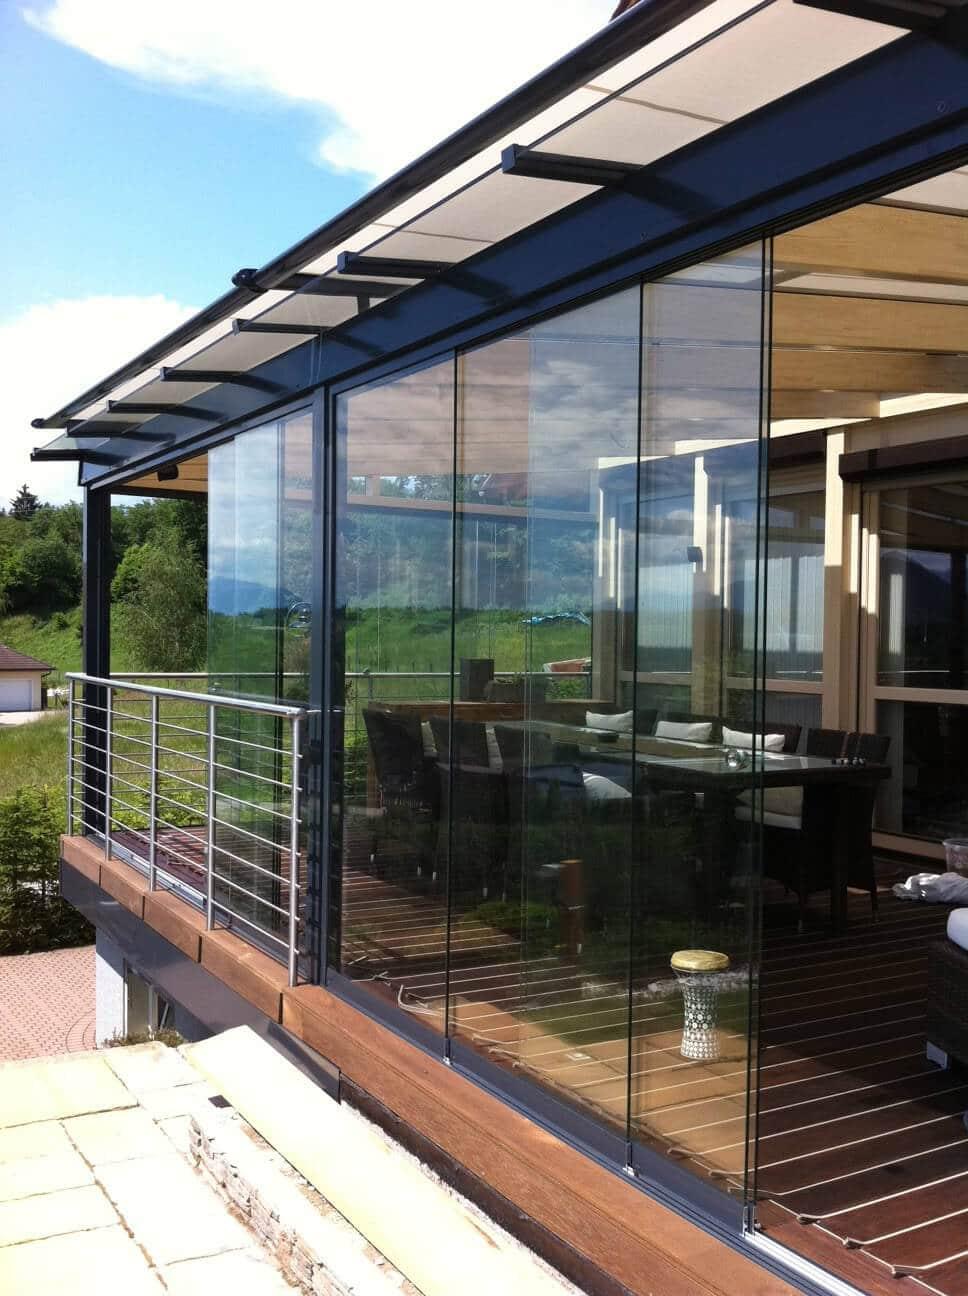 Glasschiebetüren für eine Terrassenüberdachung mit Beschattung